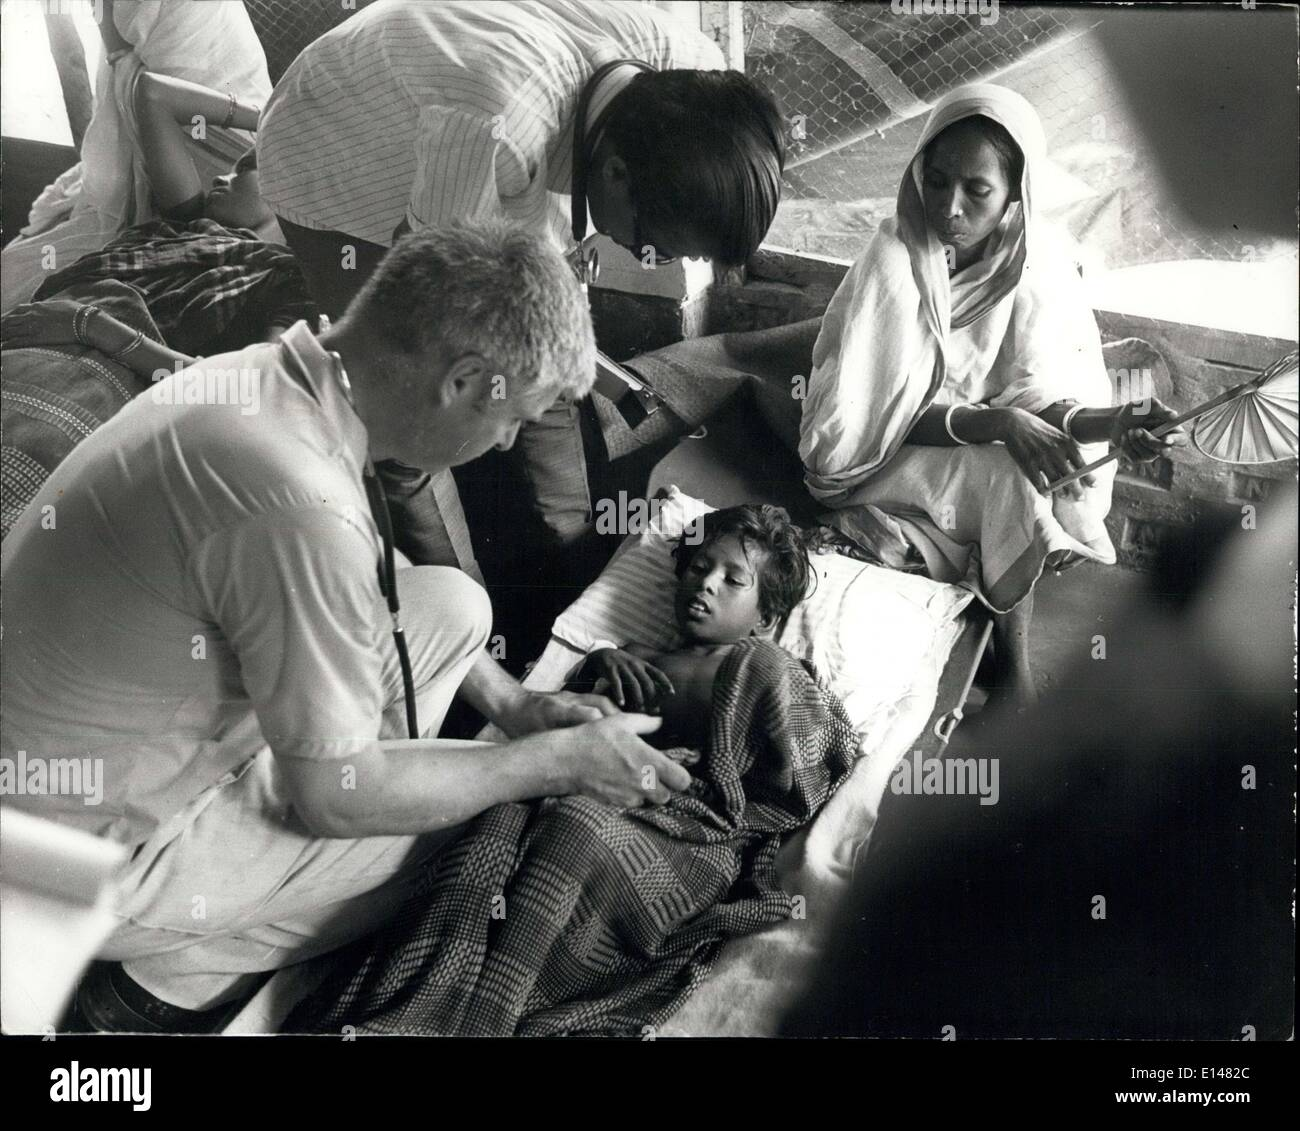 Apr. 17, 2012 - Dr.stewert Clarke assiste ancora un altro bambino paziente presso la War on Want ospedale. Immagini Stock